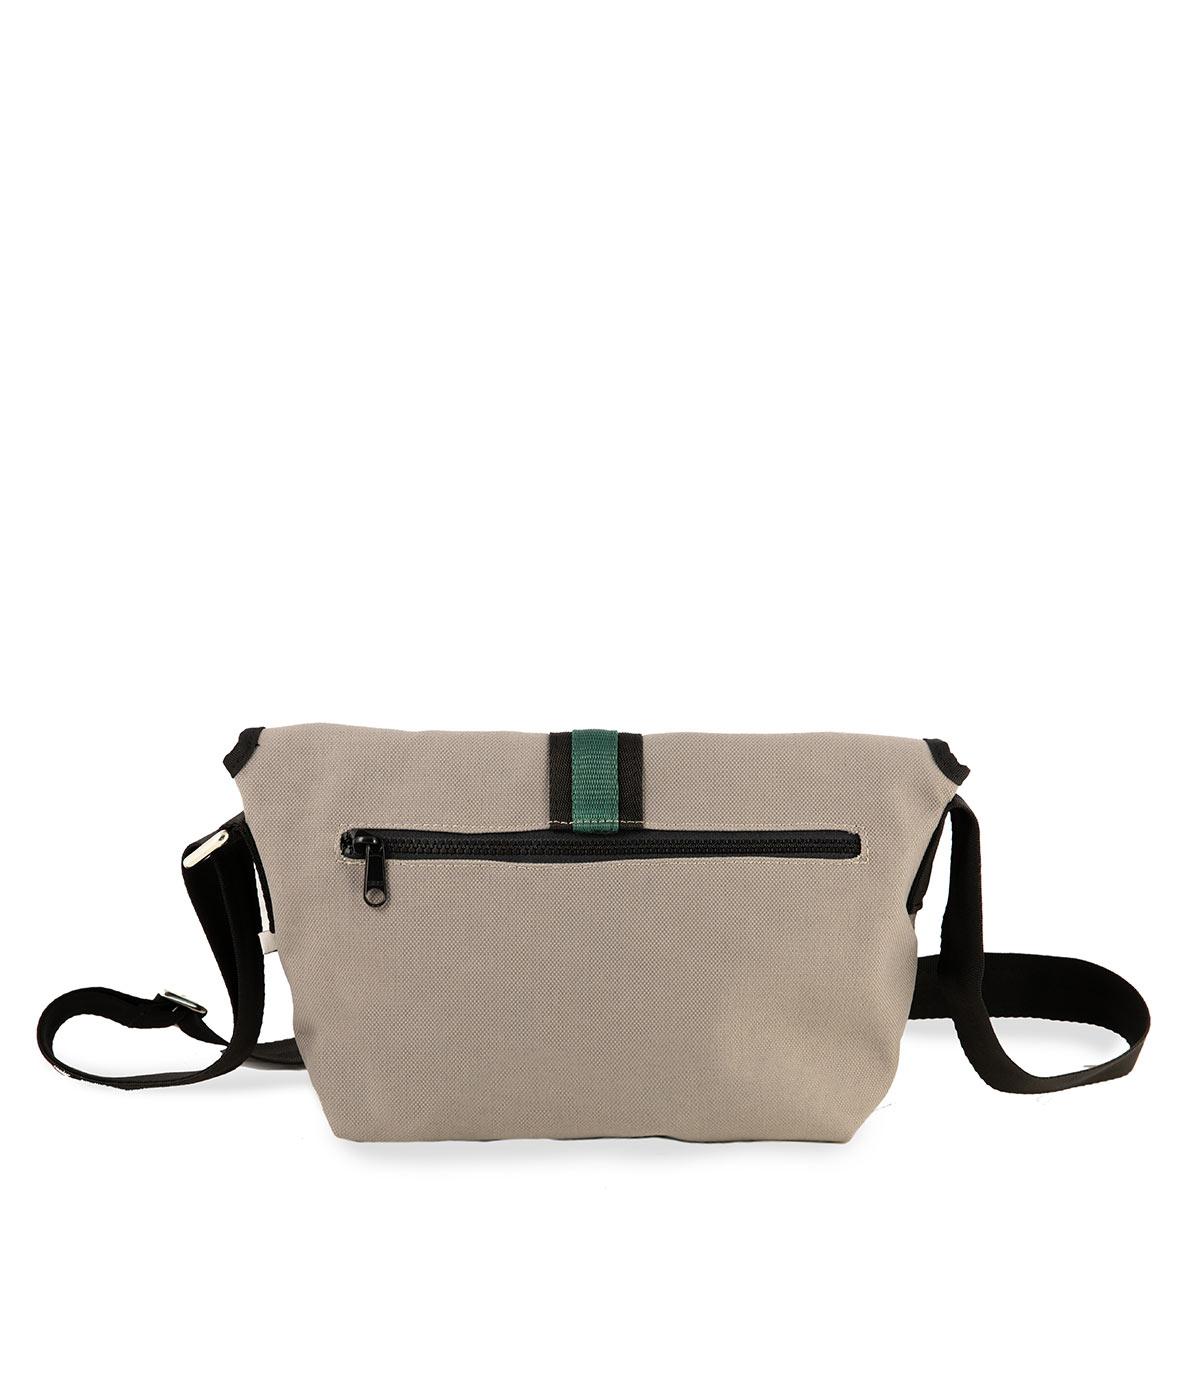 tracolla-grigio-chiaro-tessuto-tecnico-impermeabile-fascia-verde-bottiglia-retro